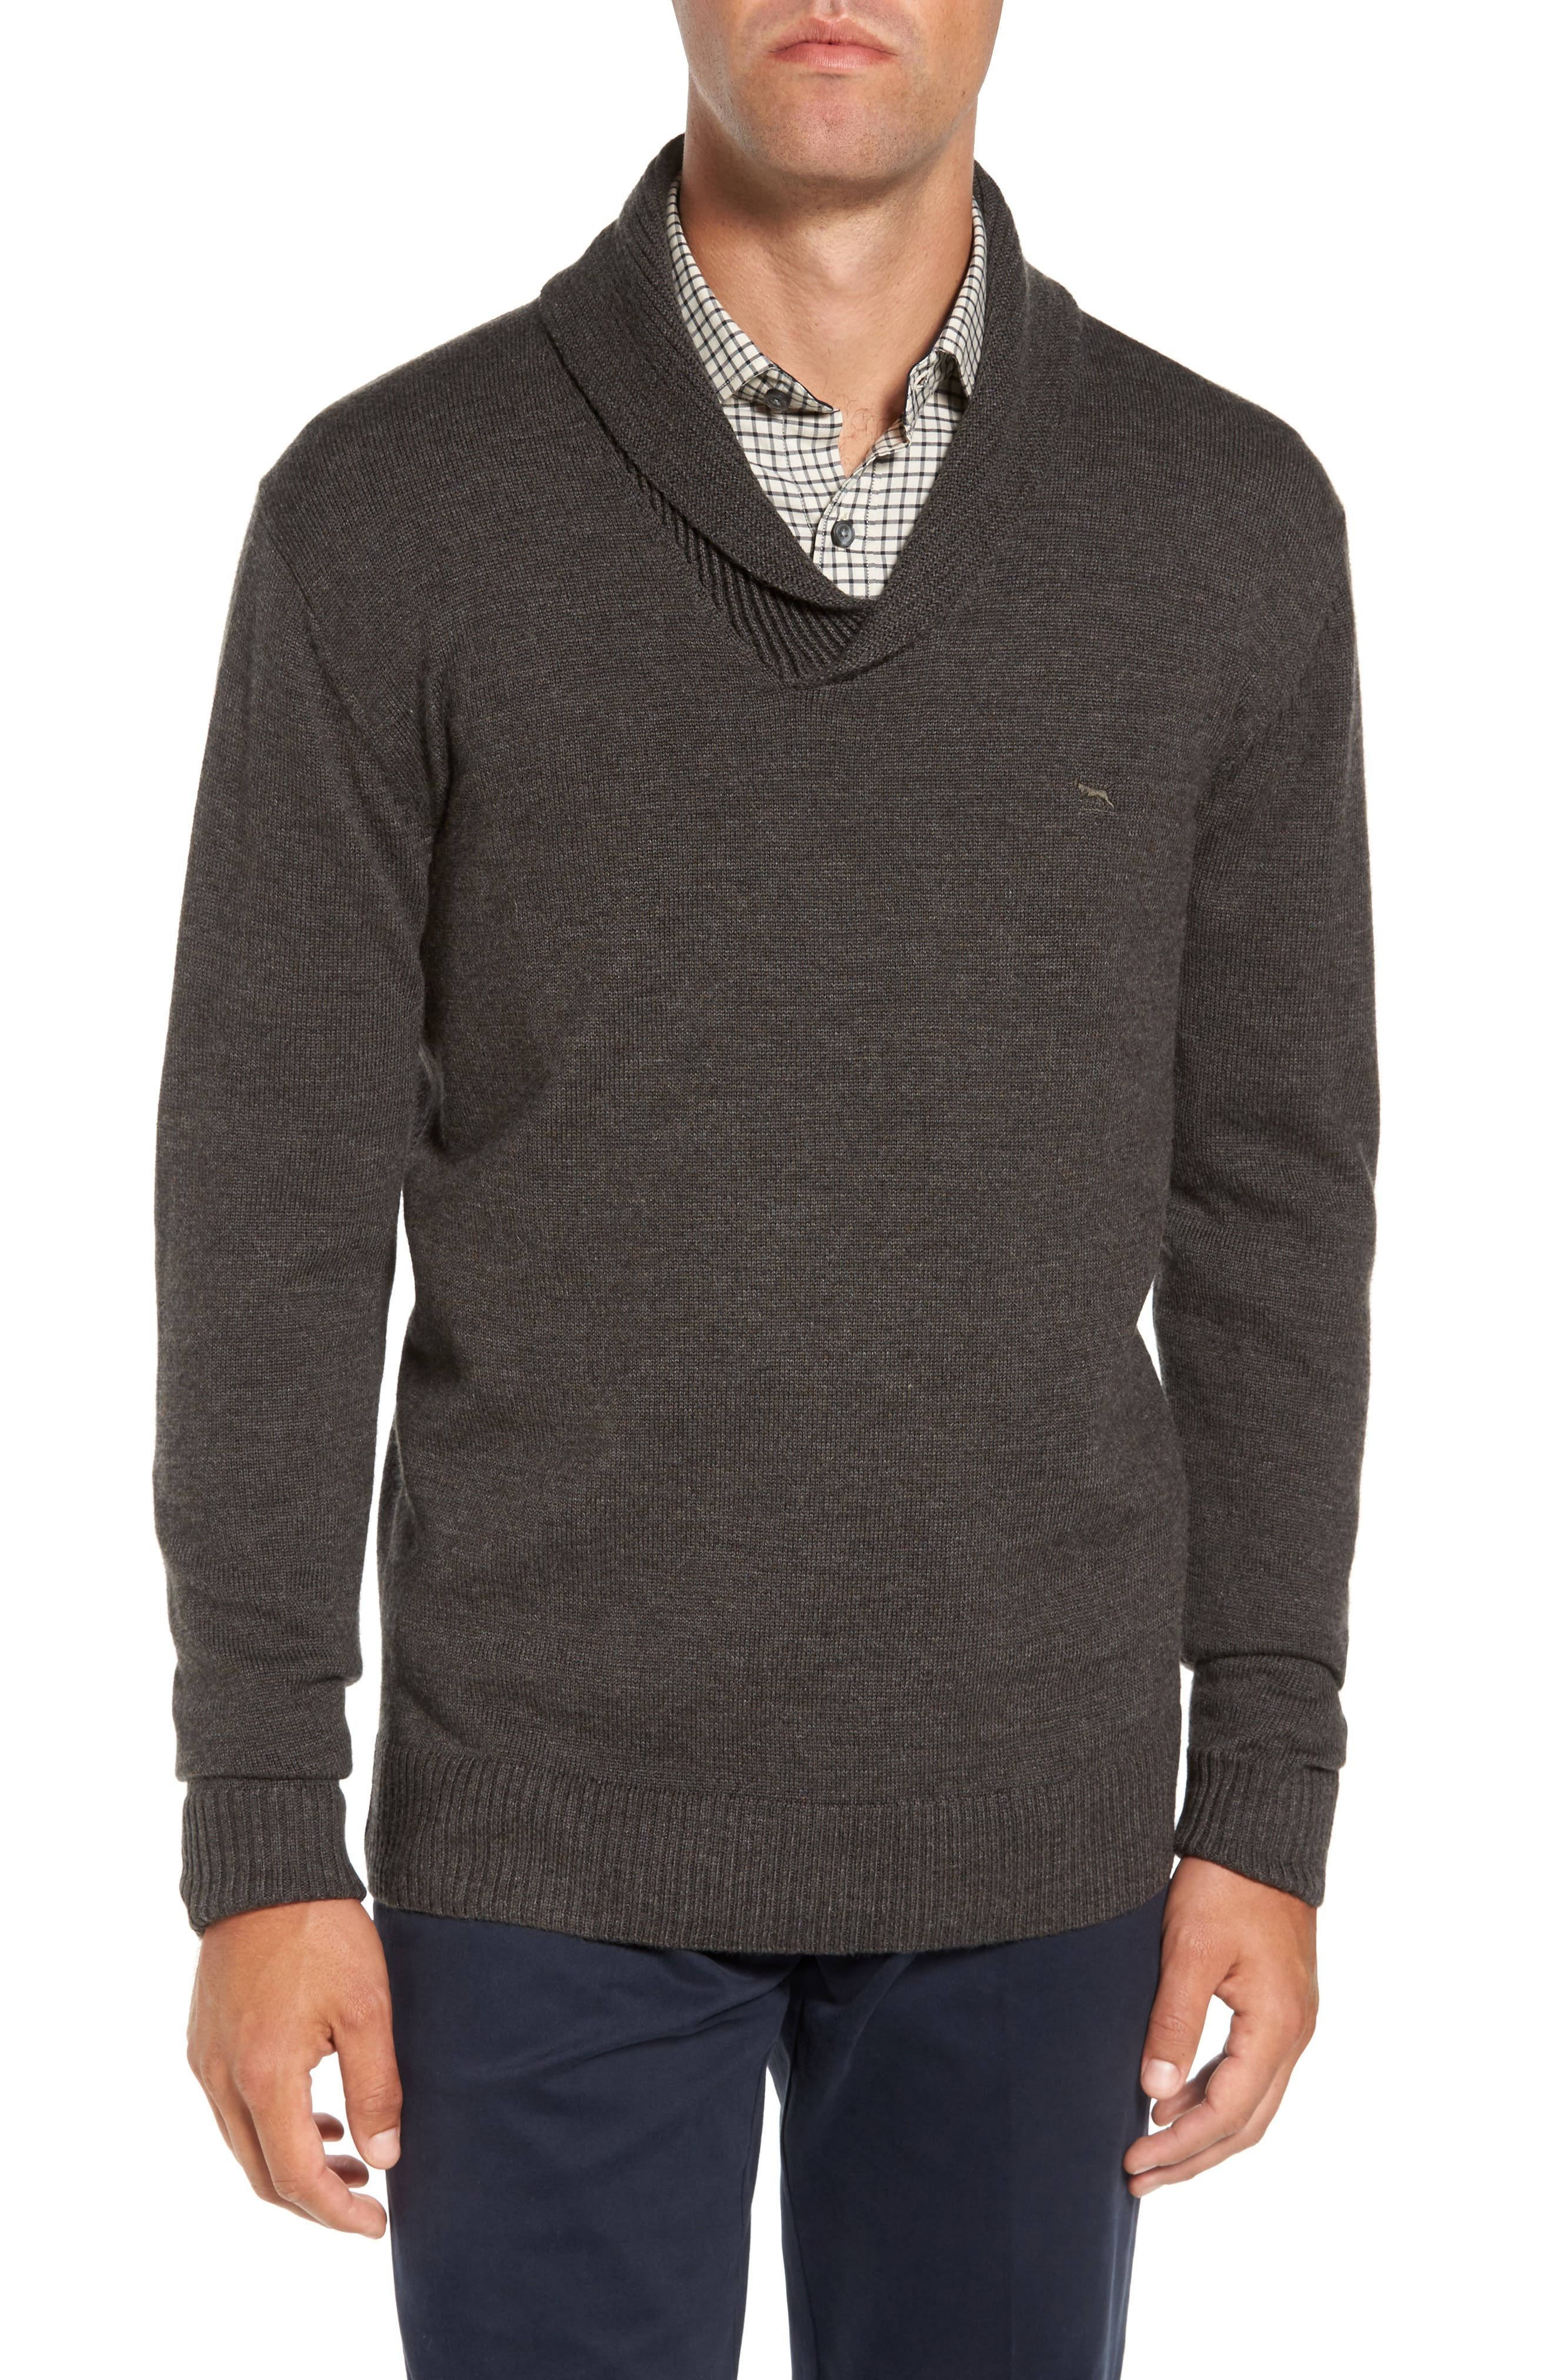 Rodd & Gunn PT Chevalier Shawl Collar Sweater